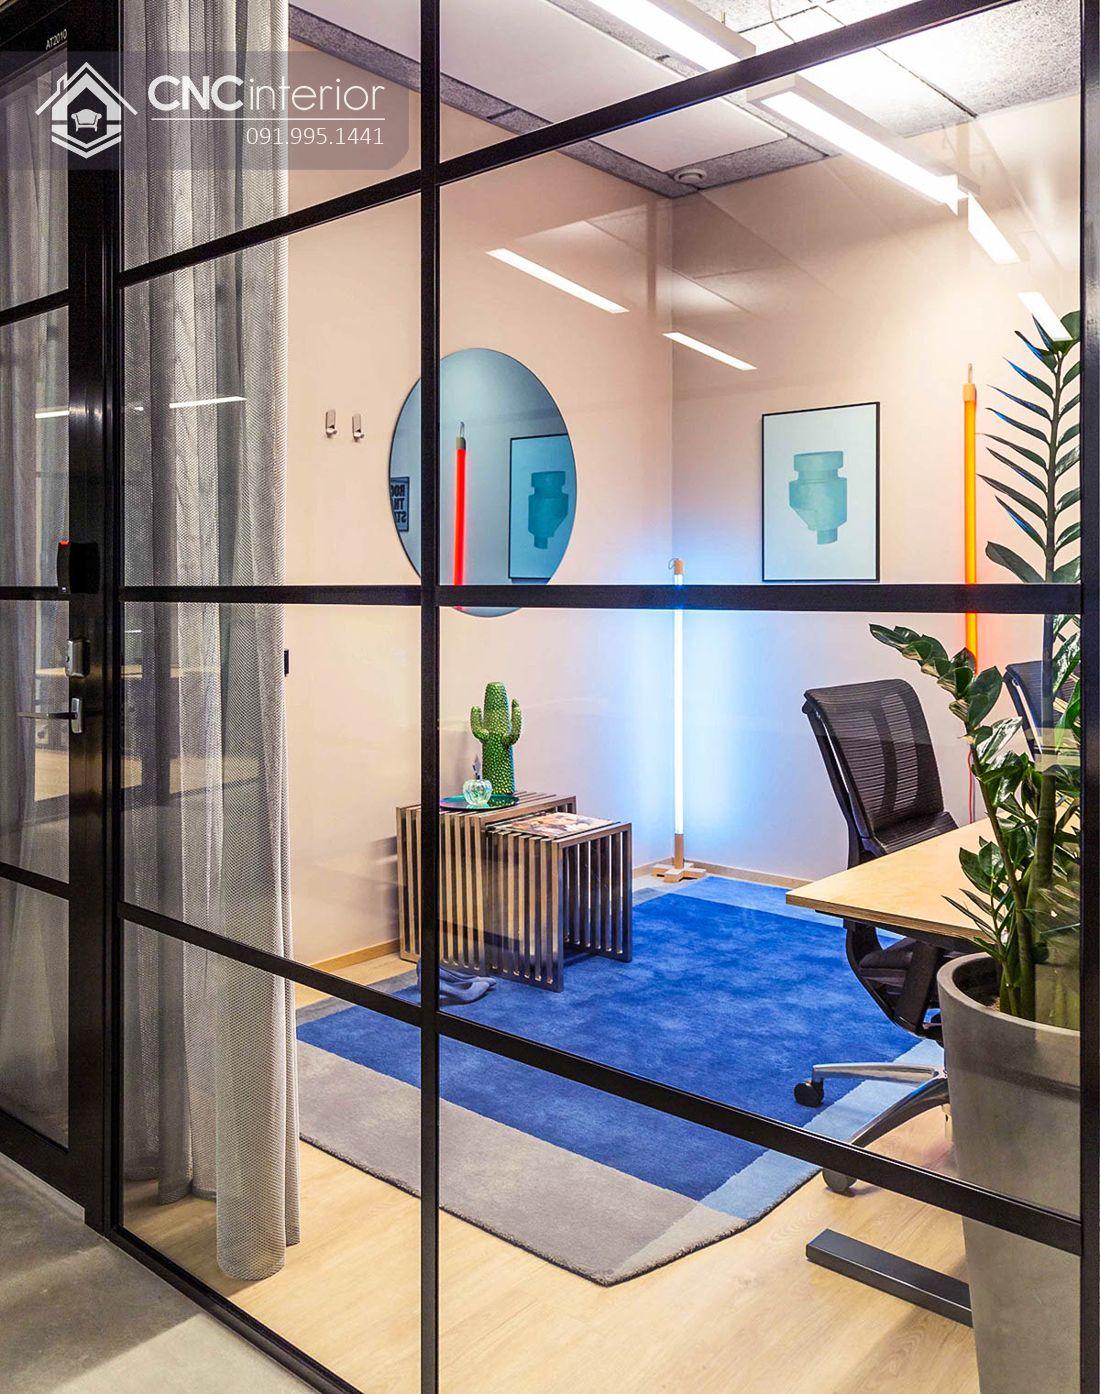 Nội thất CNC - Công trình văn phòng Domine Cao Thắng